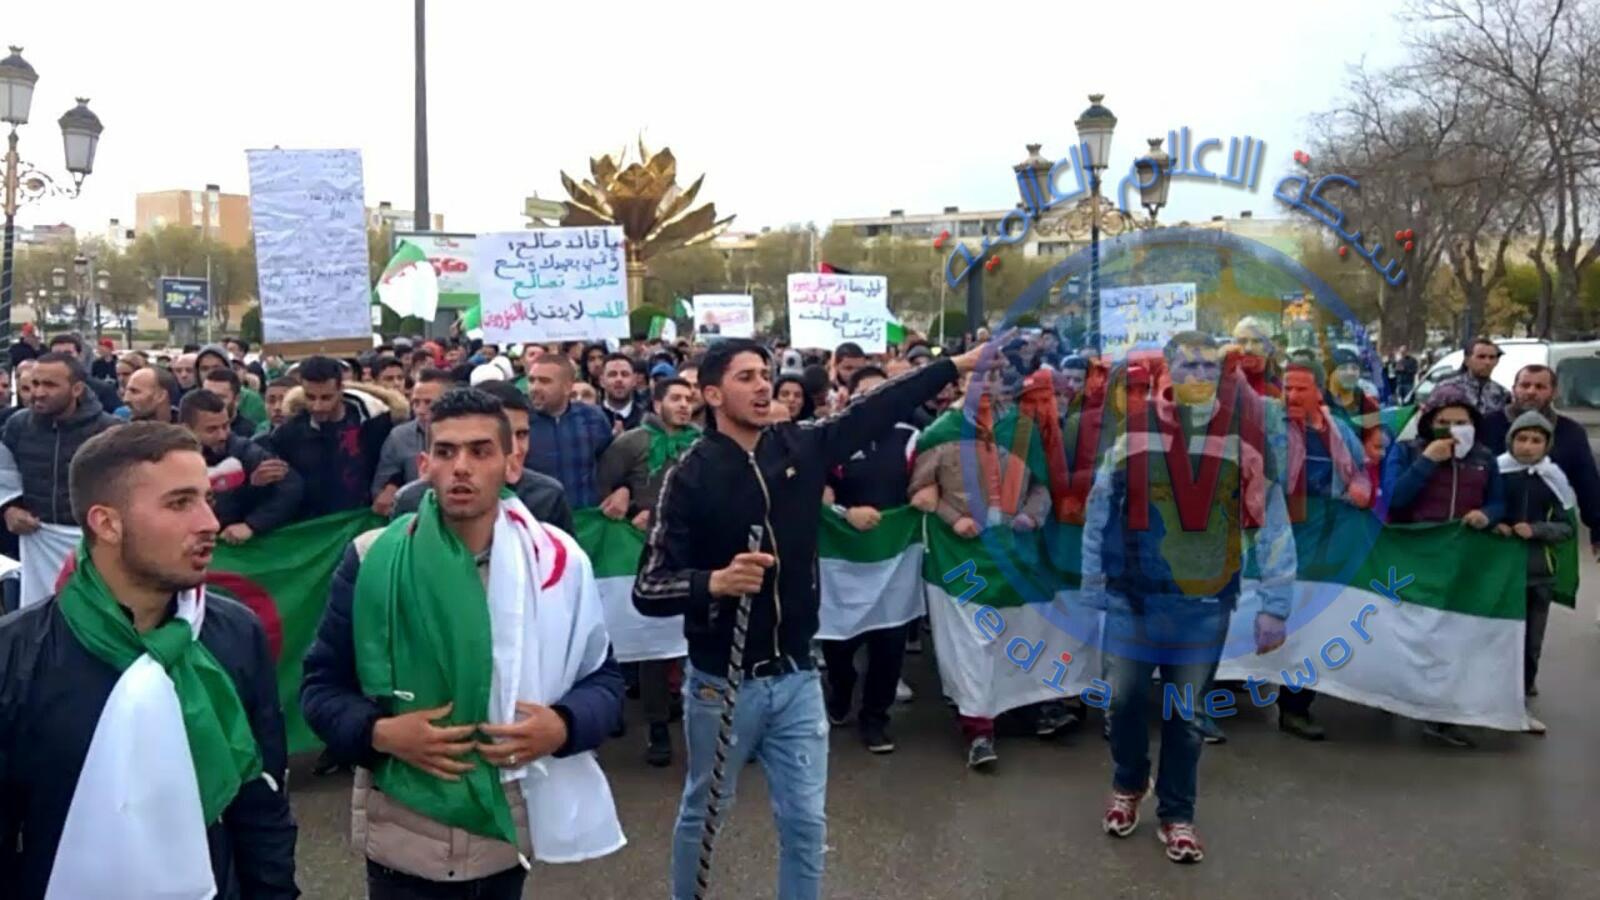 الجزائر: تسع طلبات ترشح لانتخابات الرئاسة المرفوضة شعبيا